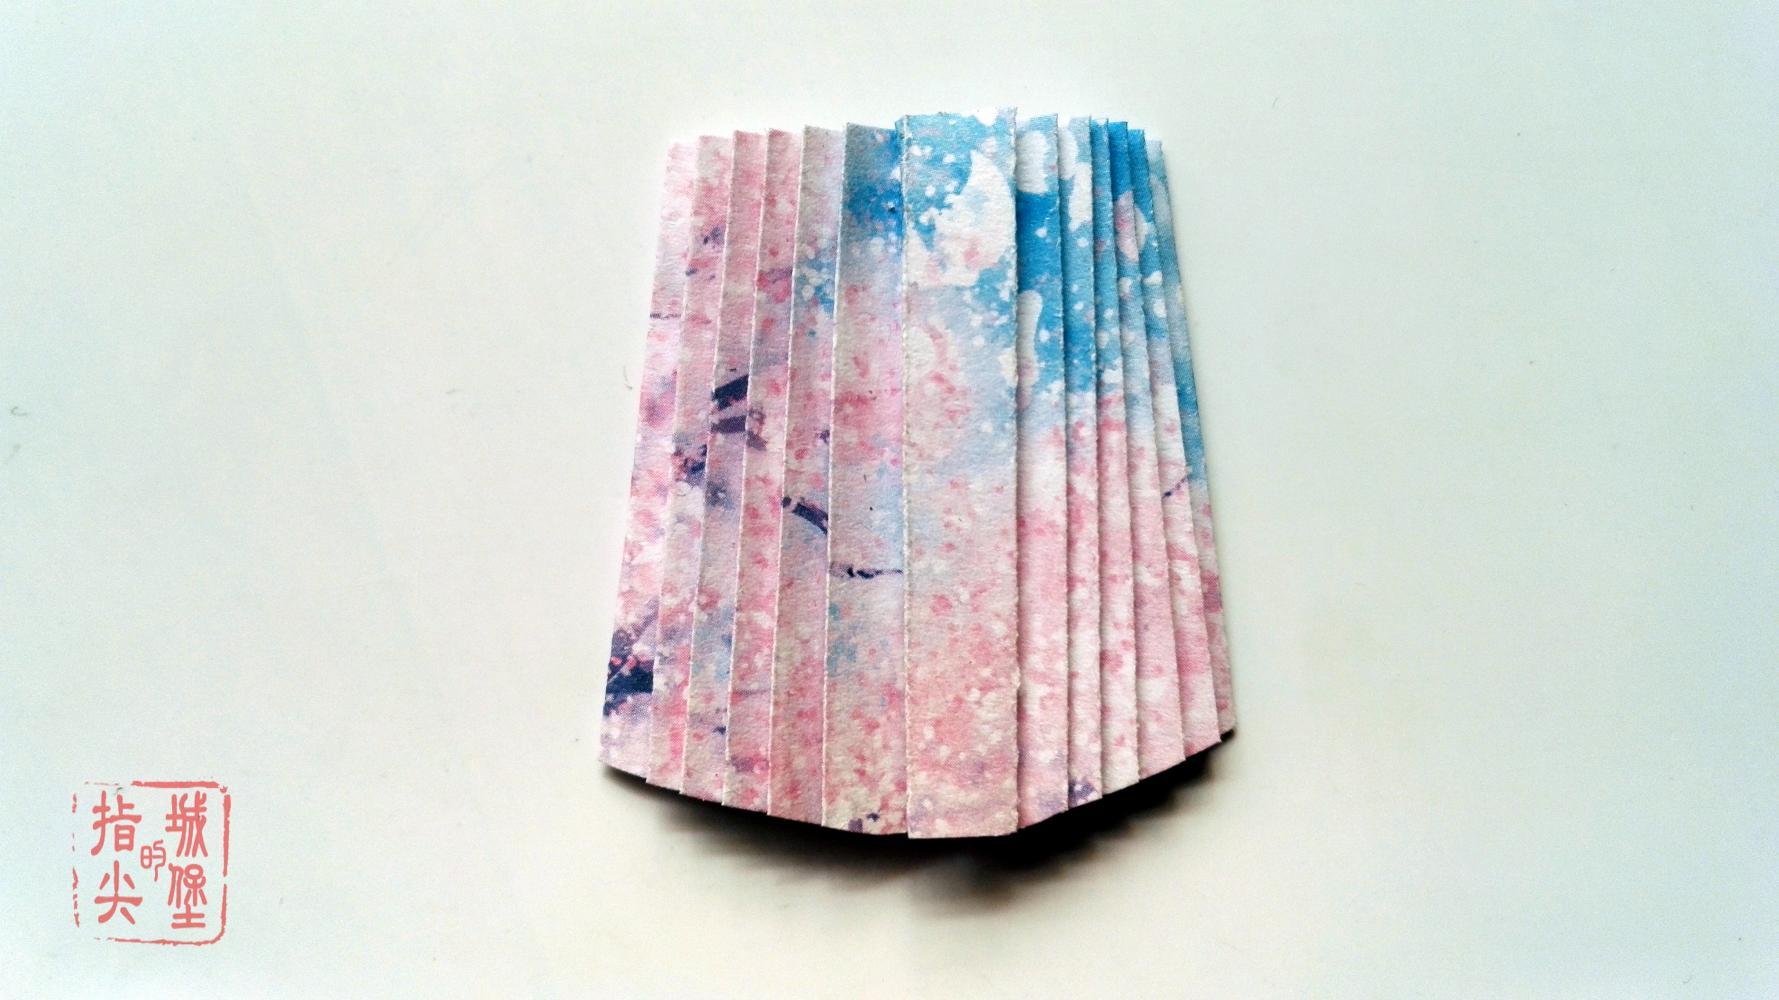 汉服折纸书签,中国风折纸q版,手工折纸教程图解(下篇)图片